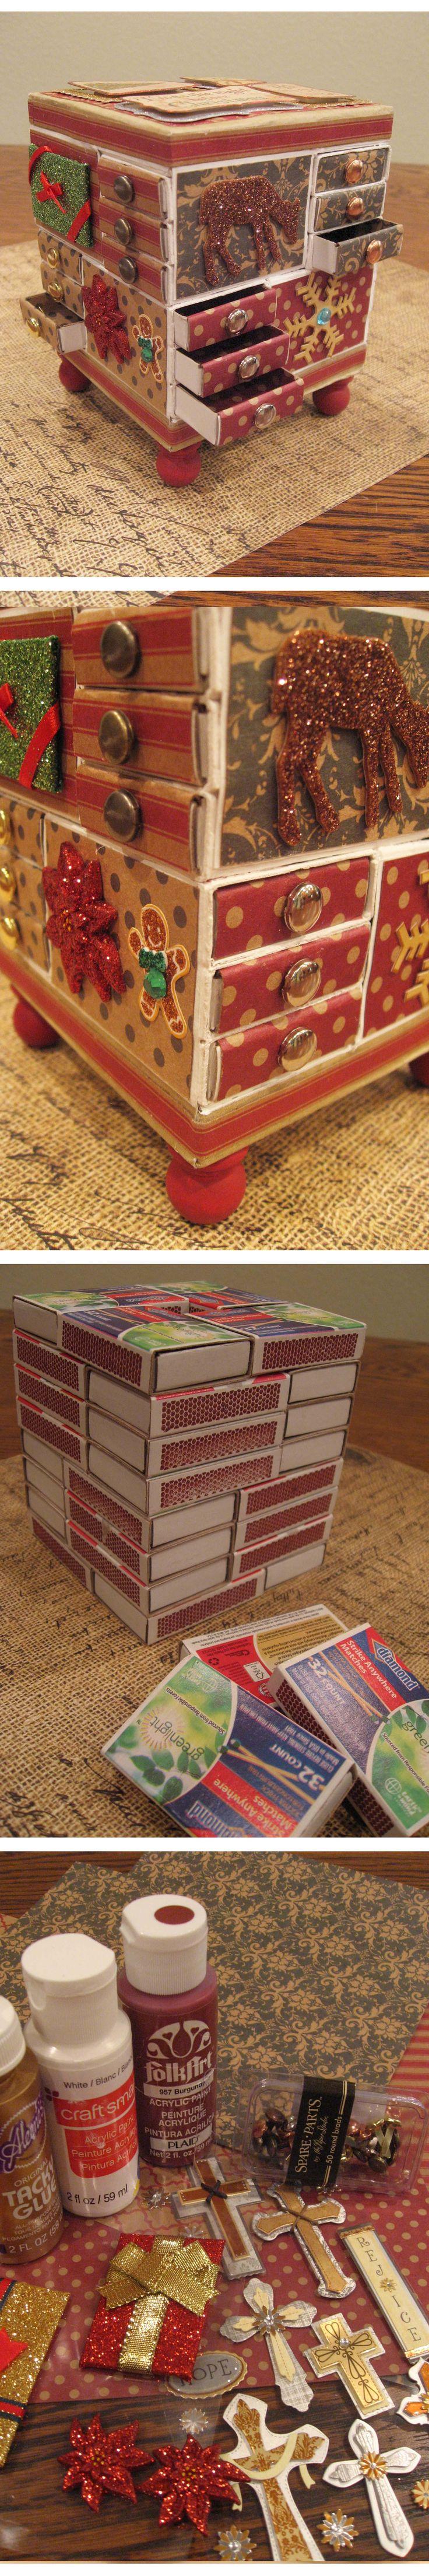 Con otra decoración y cajas más grandes es una gran idea